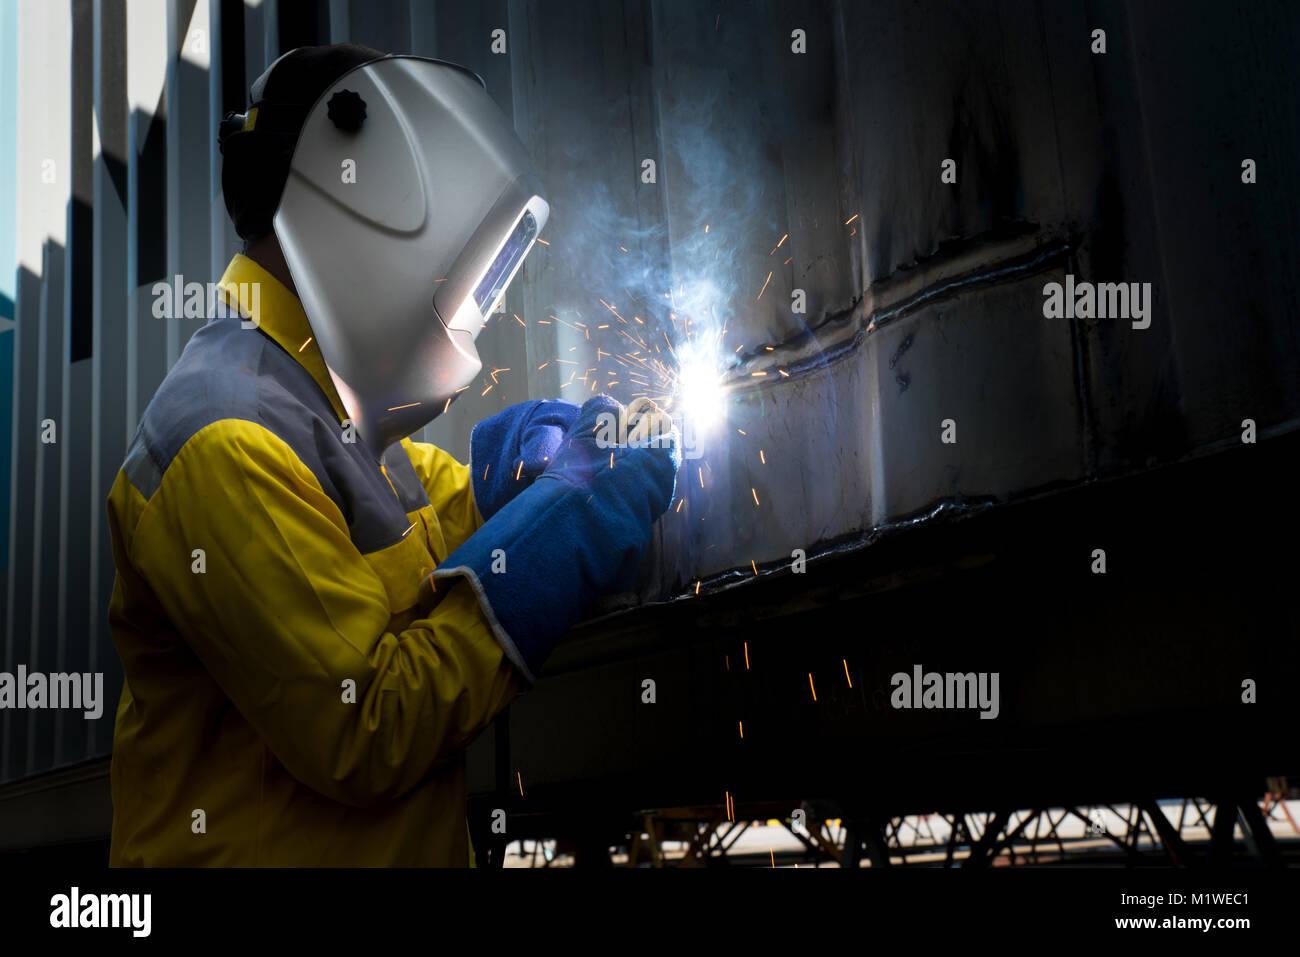 Industrie Arbeiter mit Schweißen Stahl zu reparieren container Strukturen Werkstatt herstellen. Container Wartung Stockbild